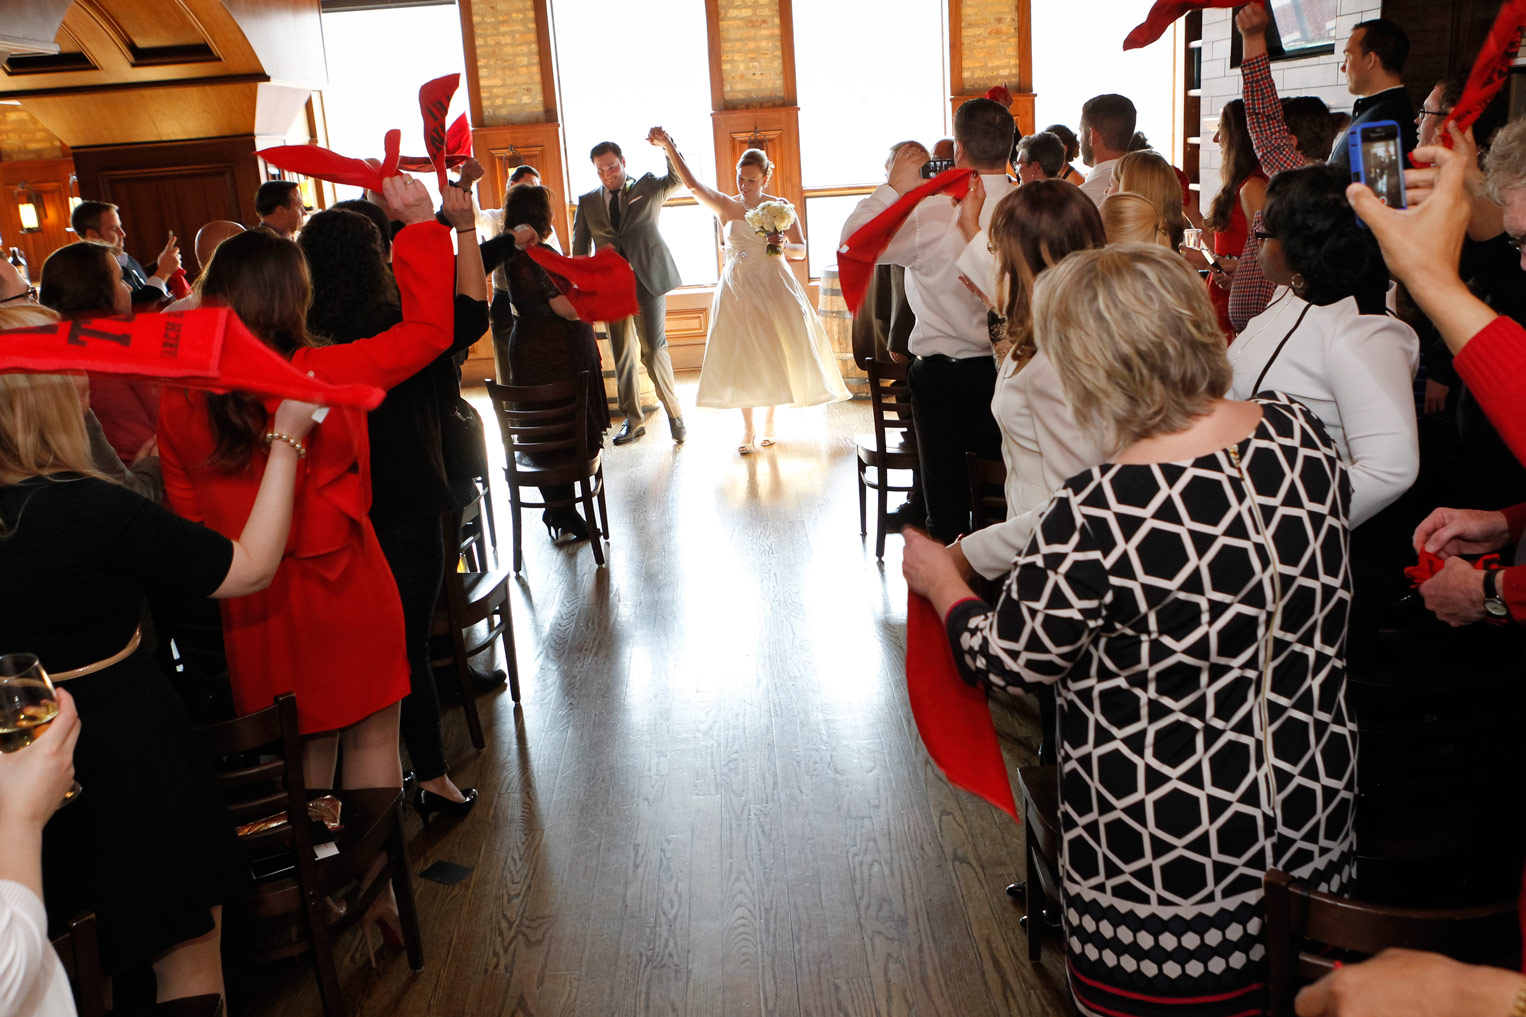 revolution-brewing-chicago-blackhawks-wedding-ruthie-hauge-photography-48.jpg